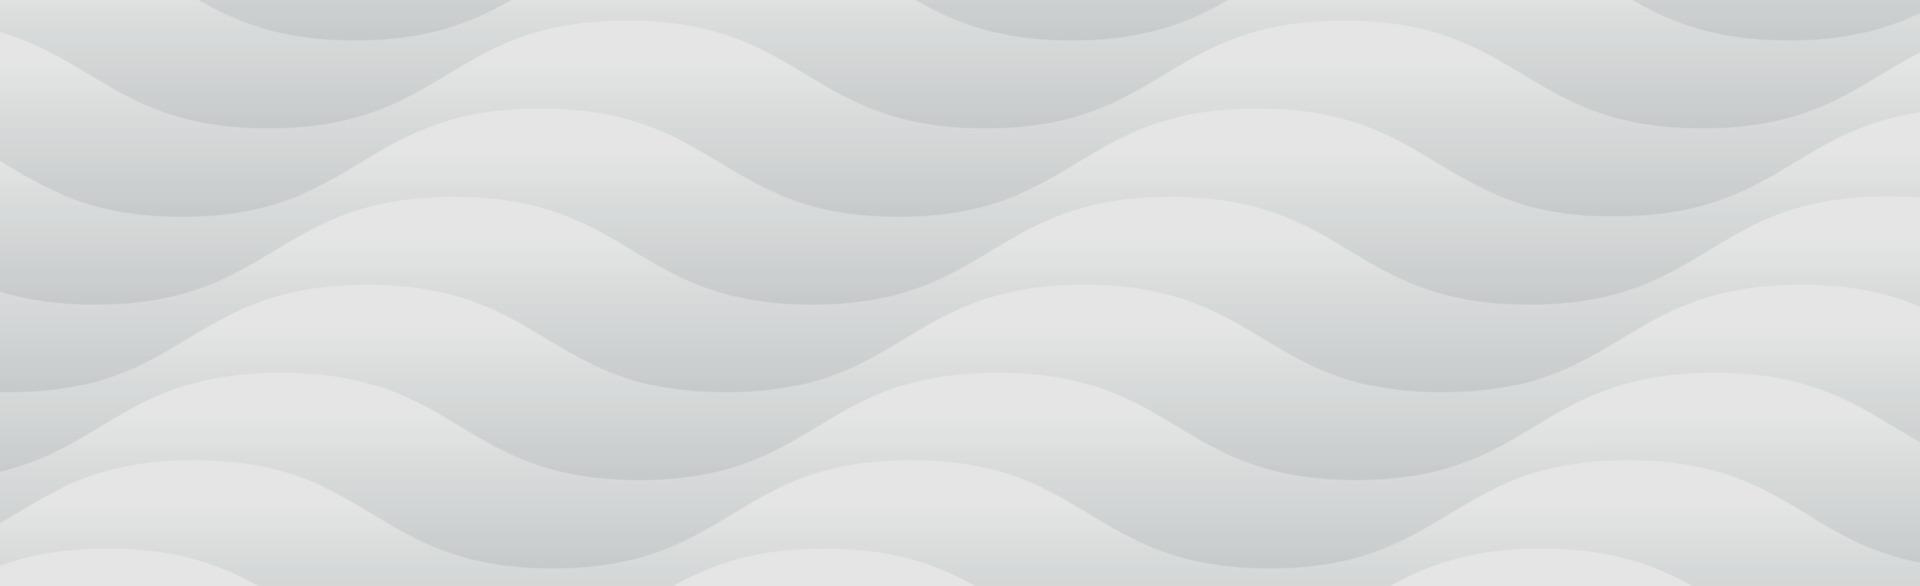 sfondo panoramico vettoriale bianco con linee ondulate e ombre